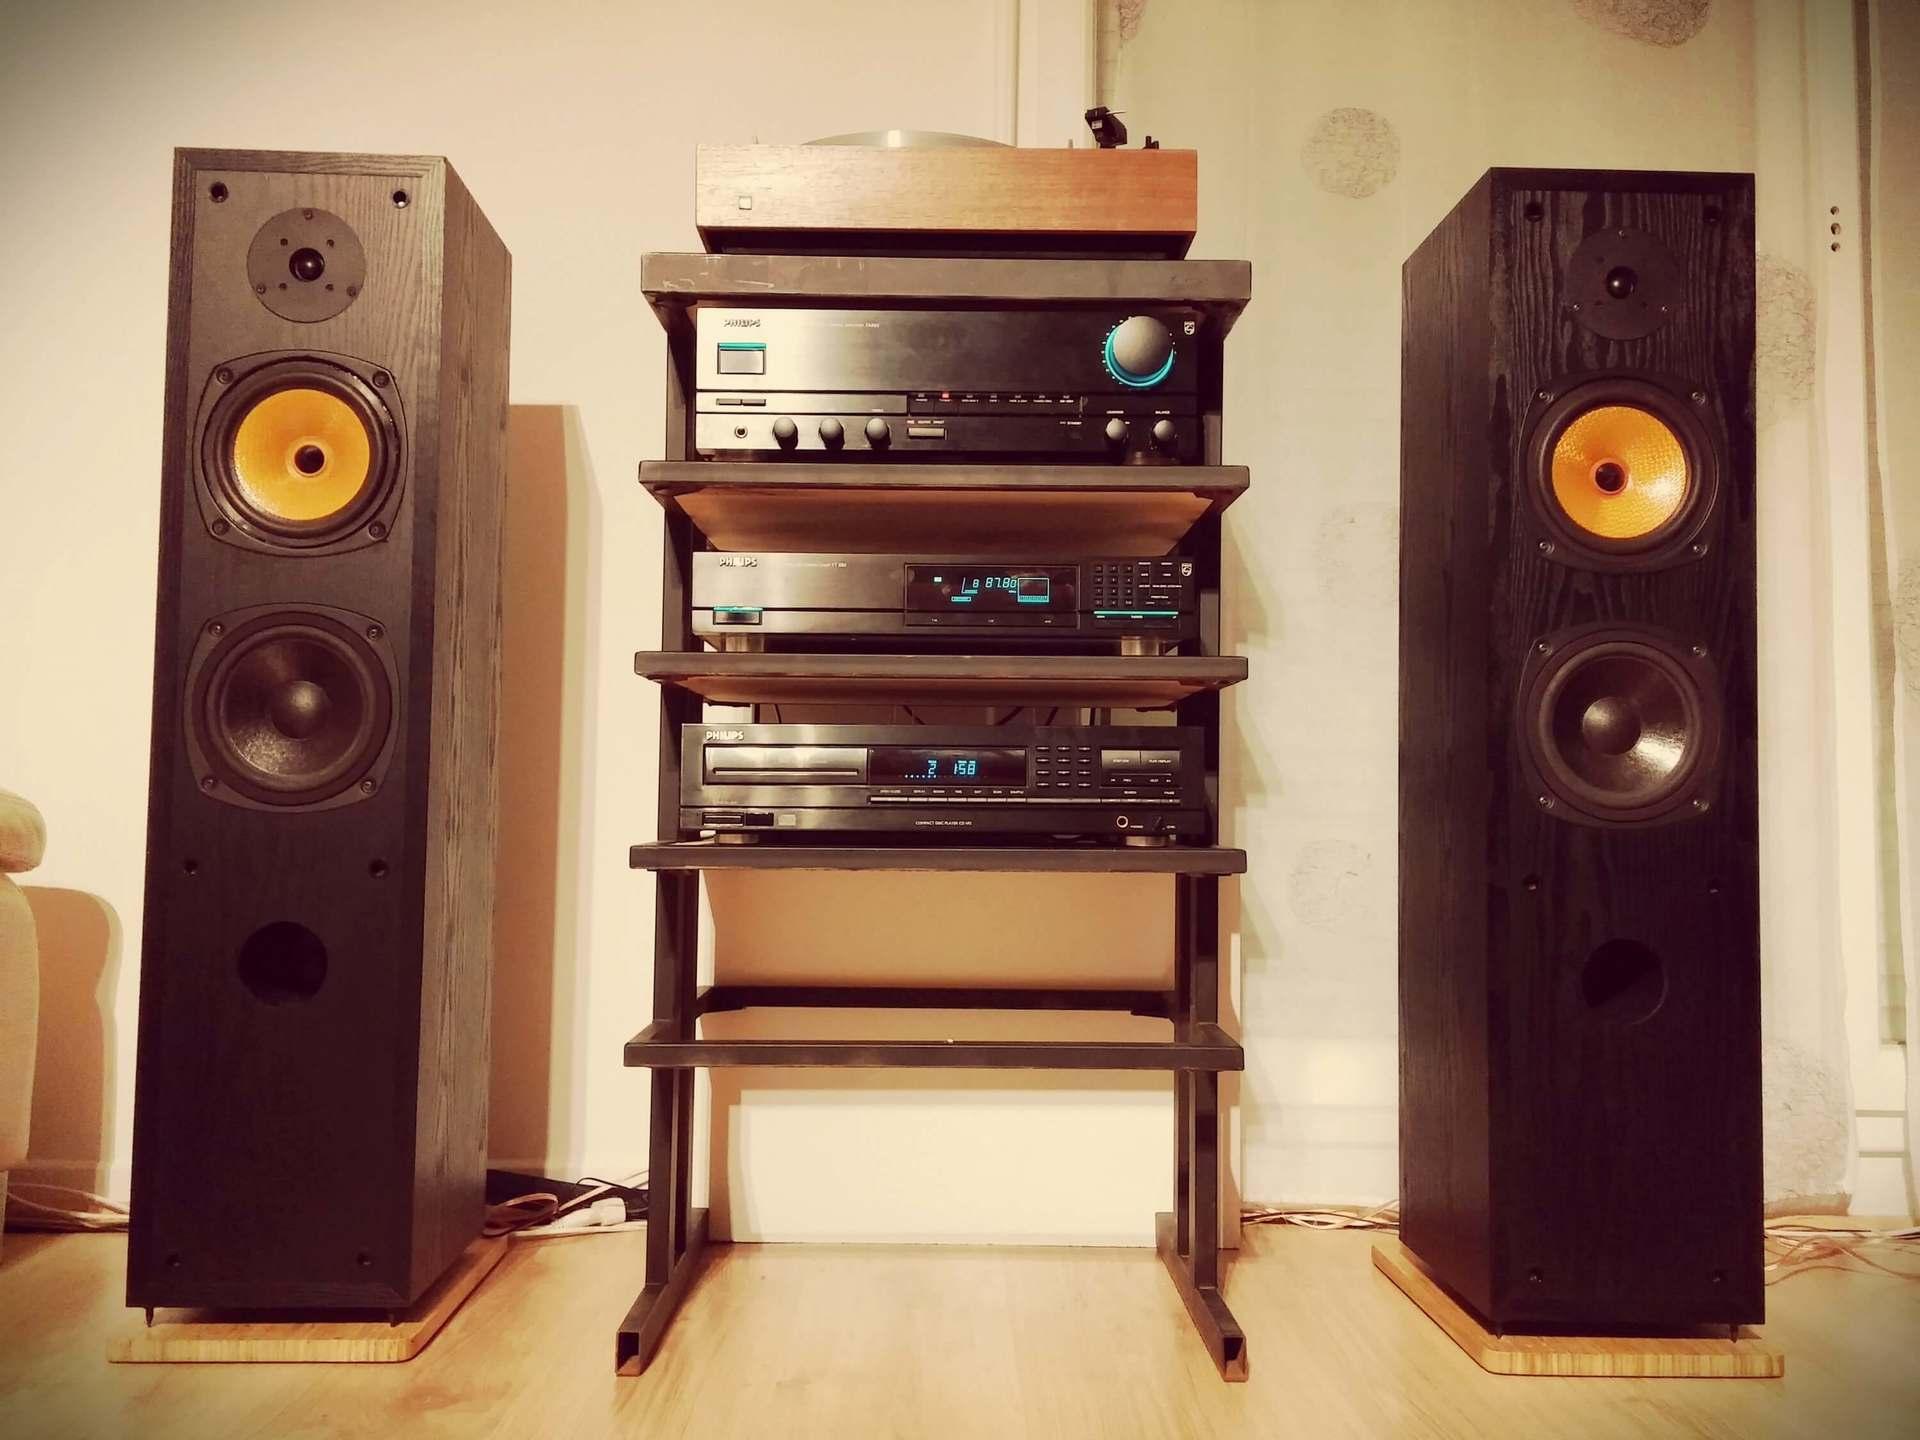 Аудиодайджест #6: О музыке, звуке и аудиотехнологиях